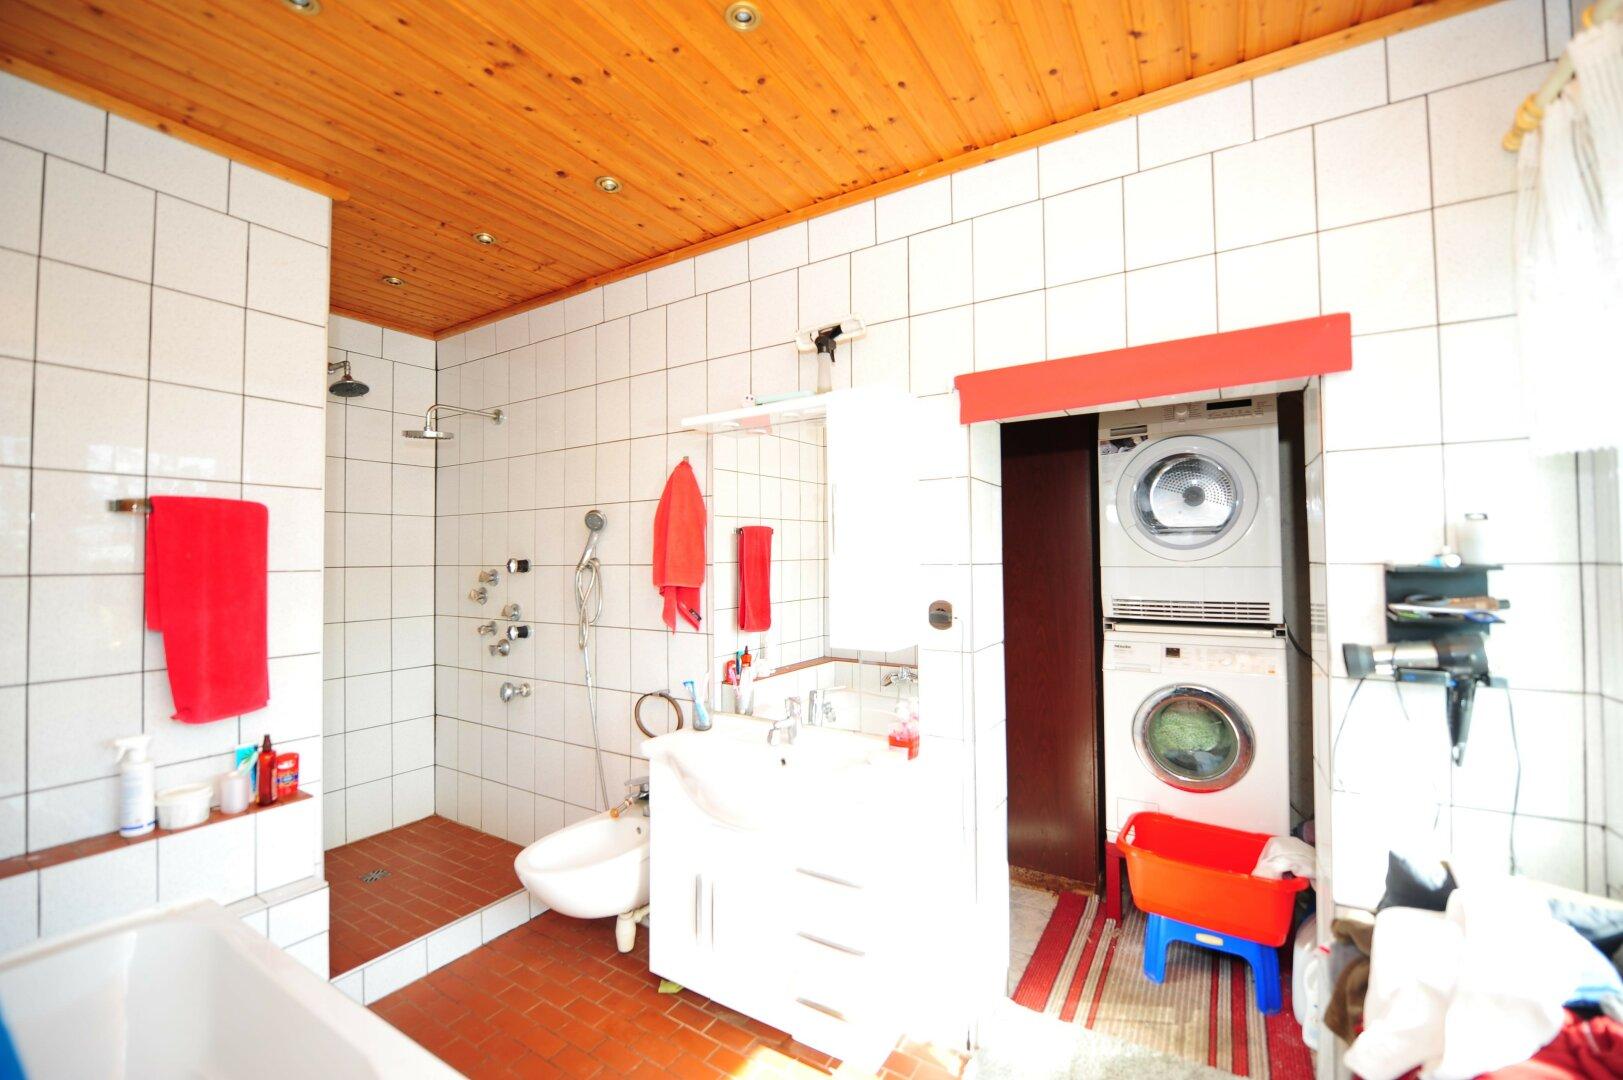 Badezimmer mit Waschküche